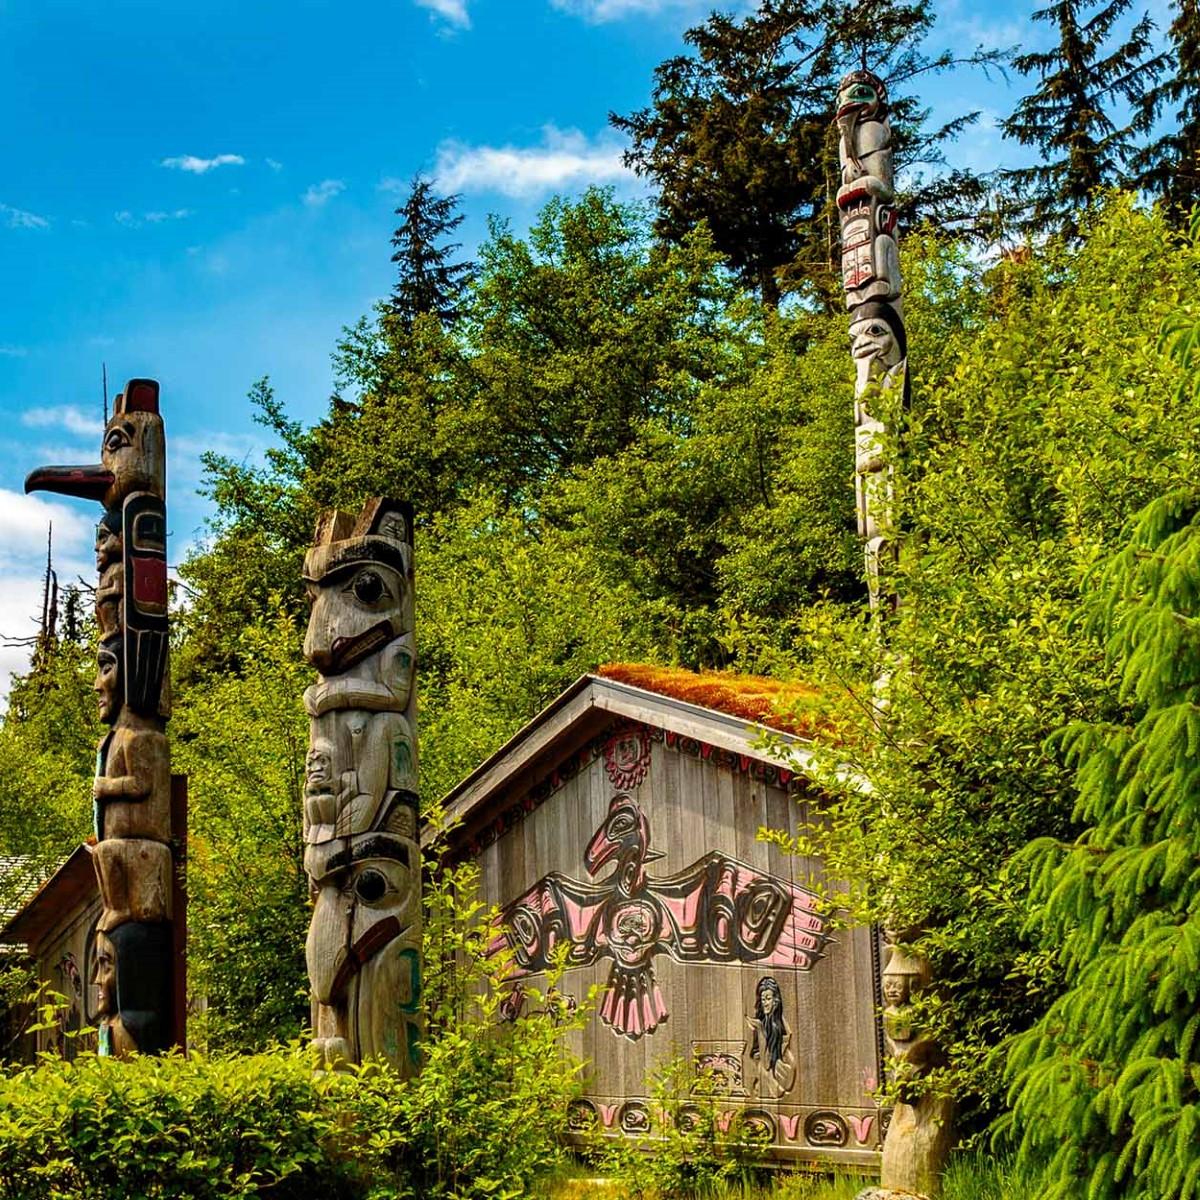 City Tour Ault Park: Potlatch City Tour With Totem Bight State Park